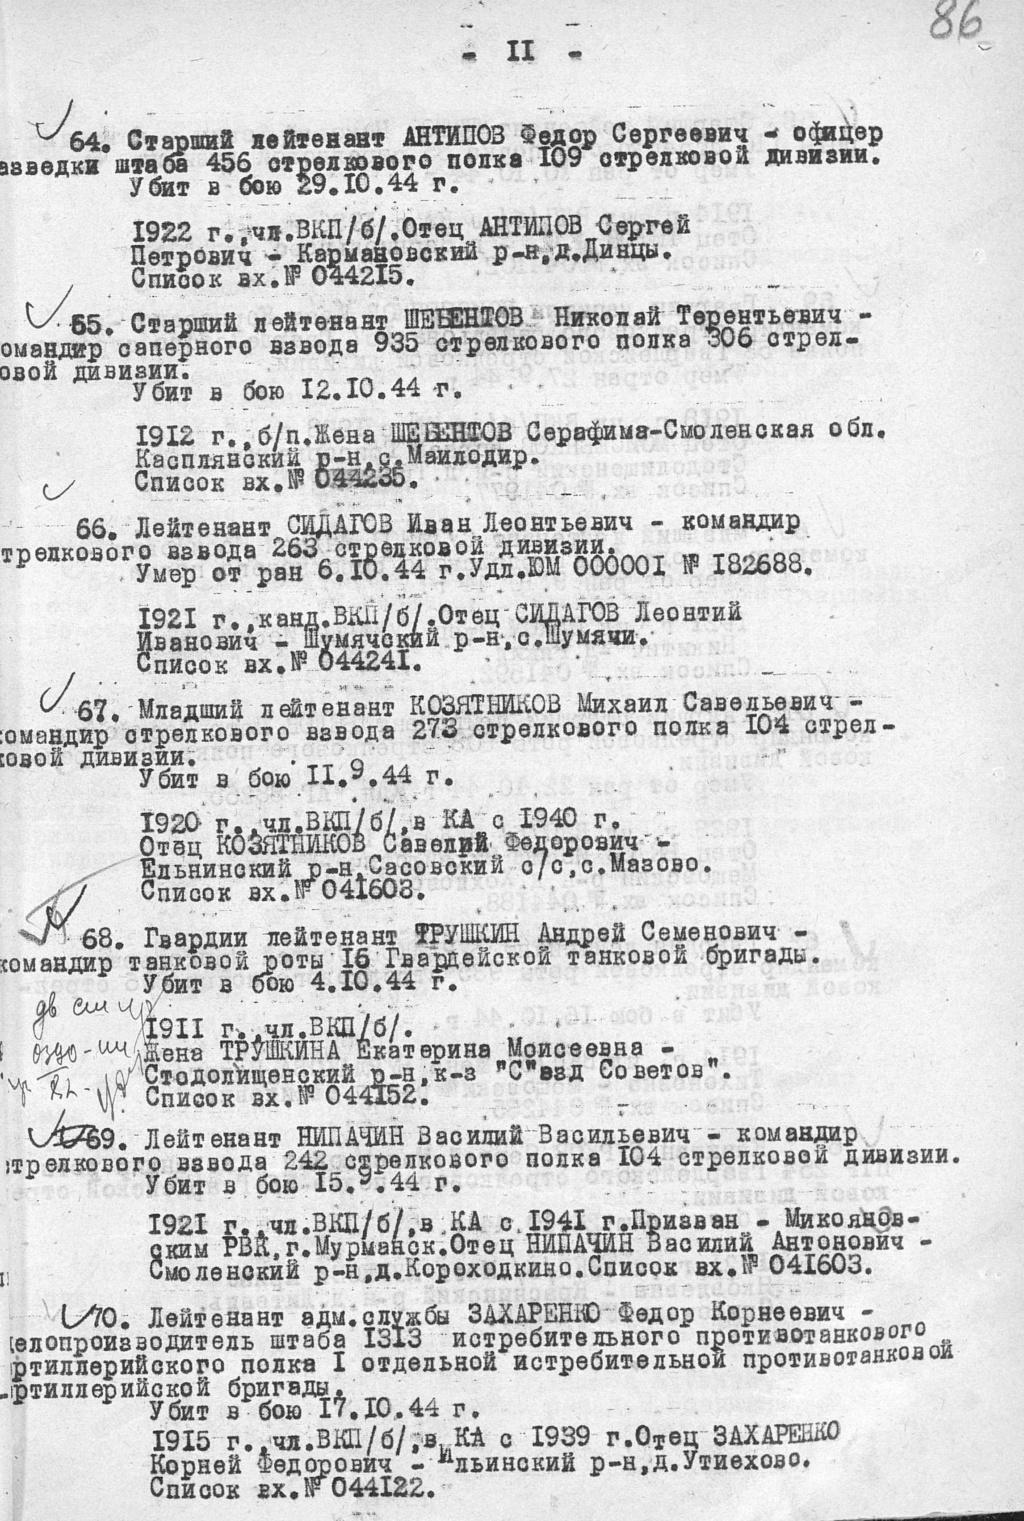 Захаренков (Захаренко) Федор Корнеевич, 08.03.1941 г., Белосток 00000119